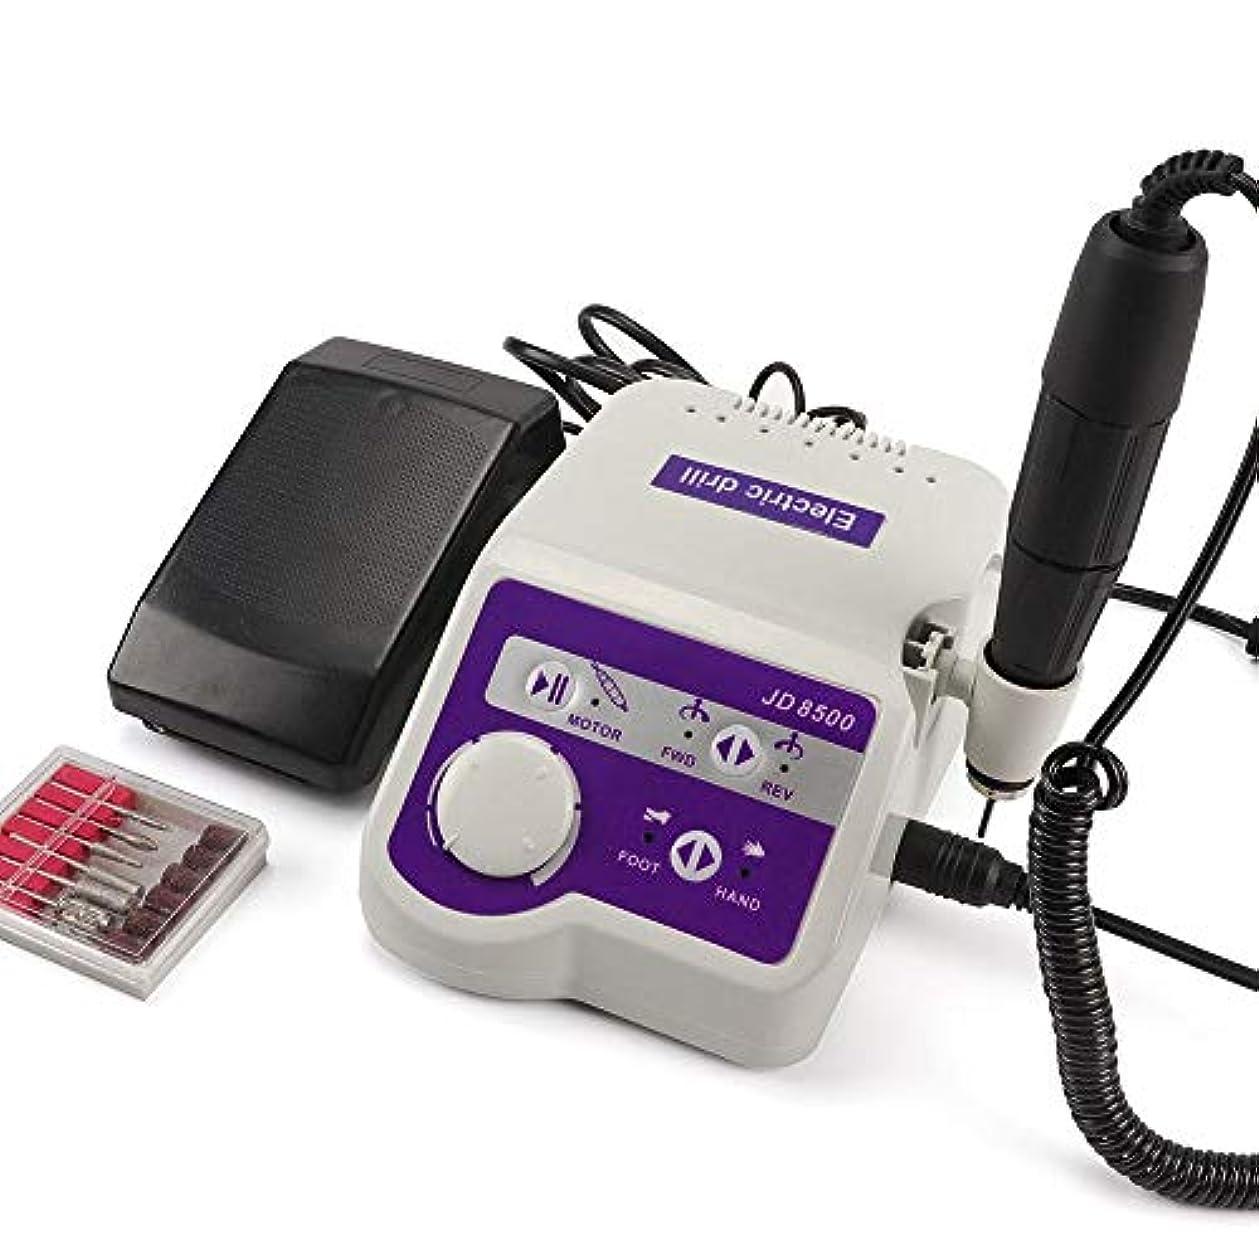 65ワット35000 rpmプロフェッショナルJD8500電動ネイルドリル機35000 rpmマニキュアツールペディキュアポリッシャーネイルアート機器